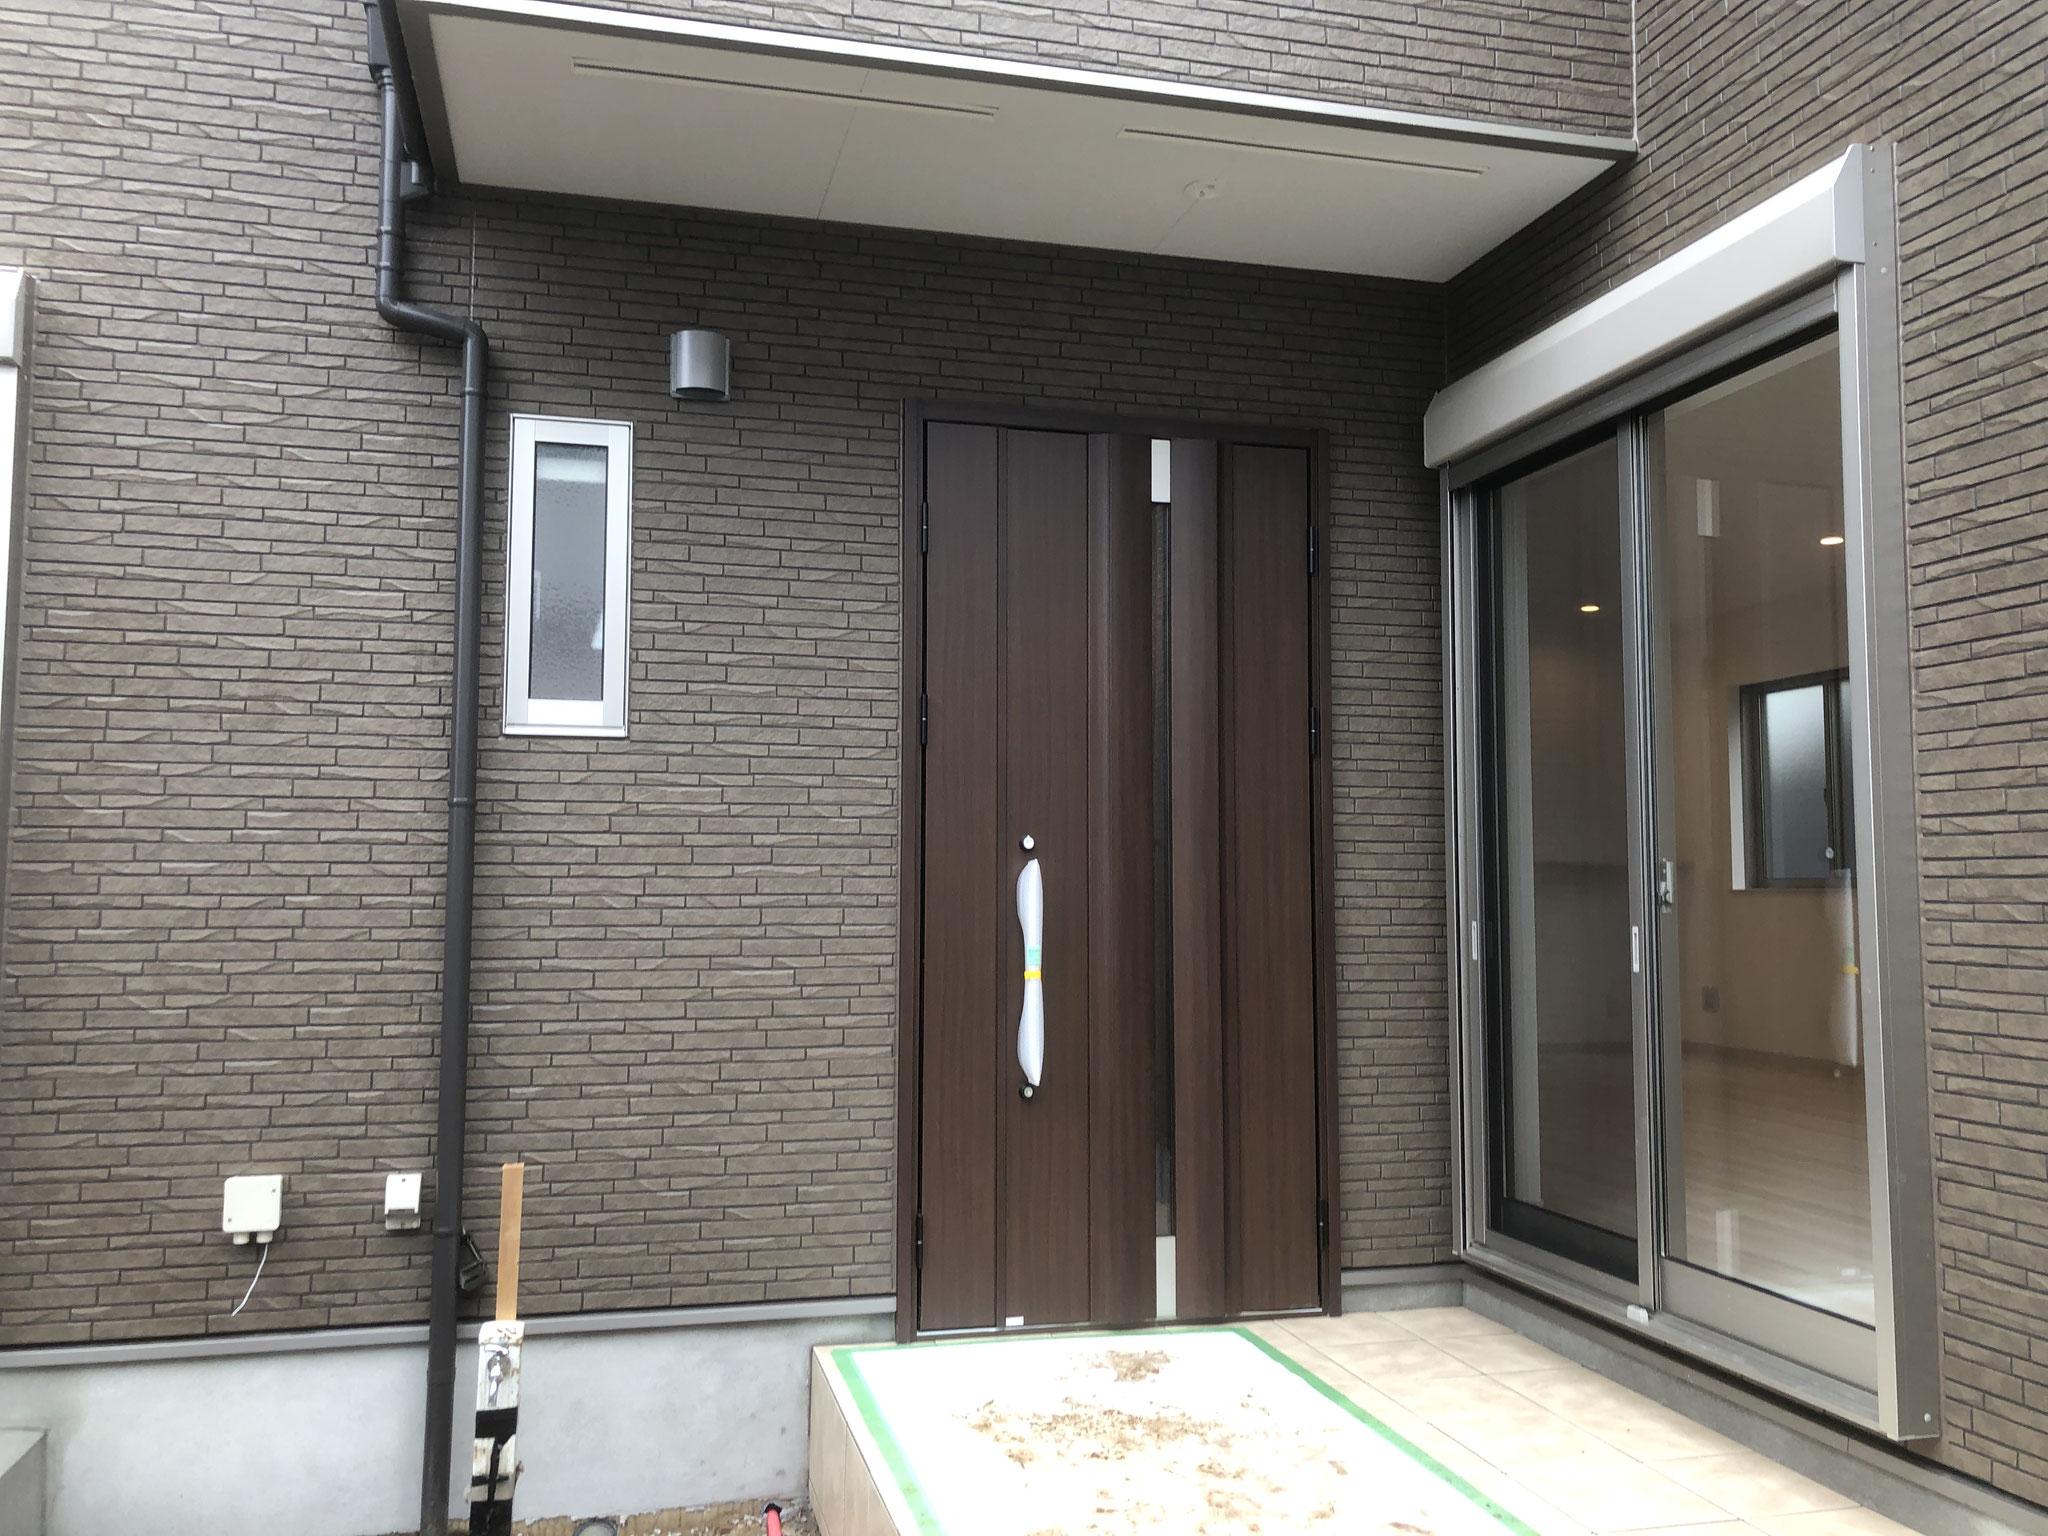 玄関は、親子ドアになっていて、広く開きます。リビングからテラスへ出れます。玄関横に温水シャワー付きの立水栓を設置します。